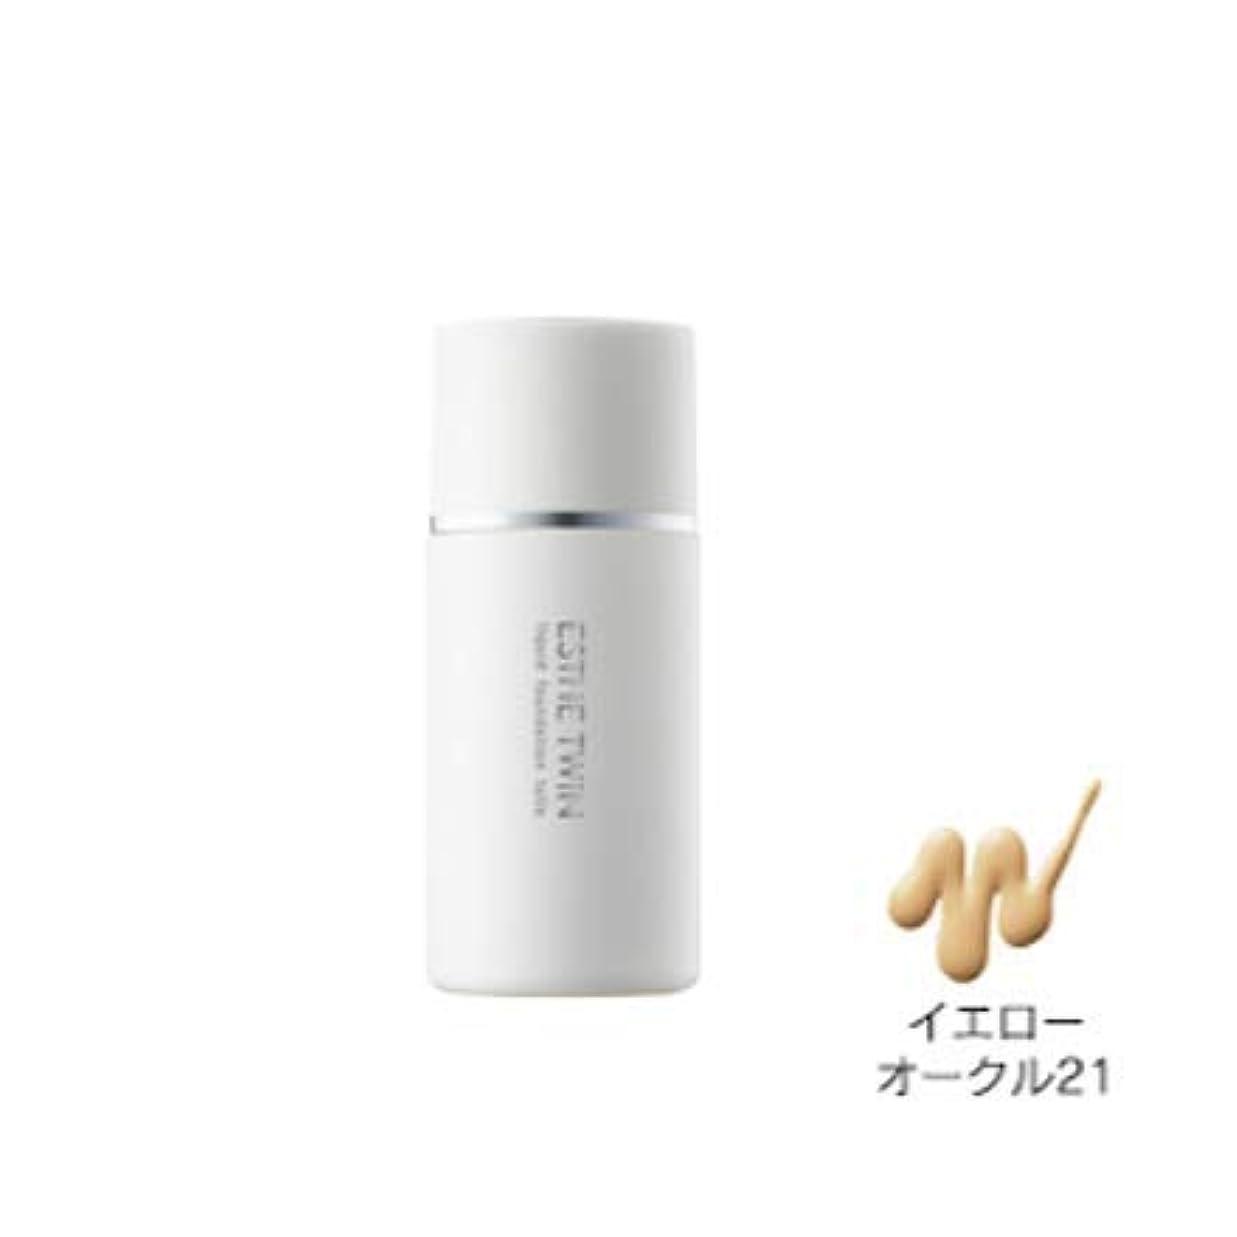 樫の木従順薄暗いエステツイン リクイドファンデーションチュール 30mL 21 イエローオークル [並行輸入品]